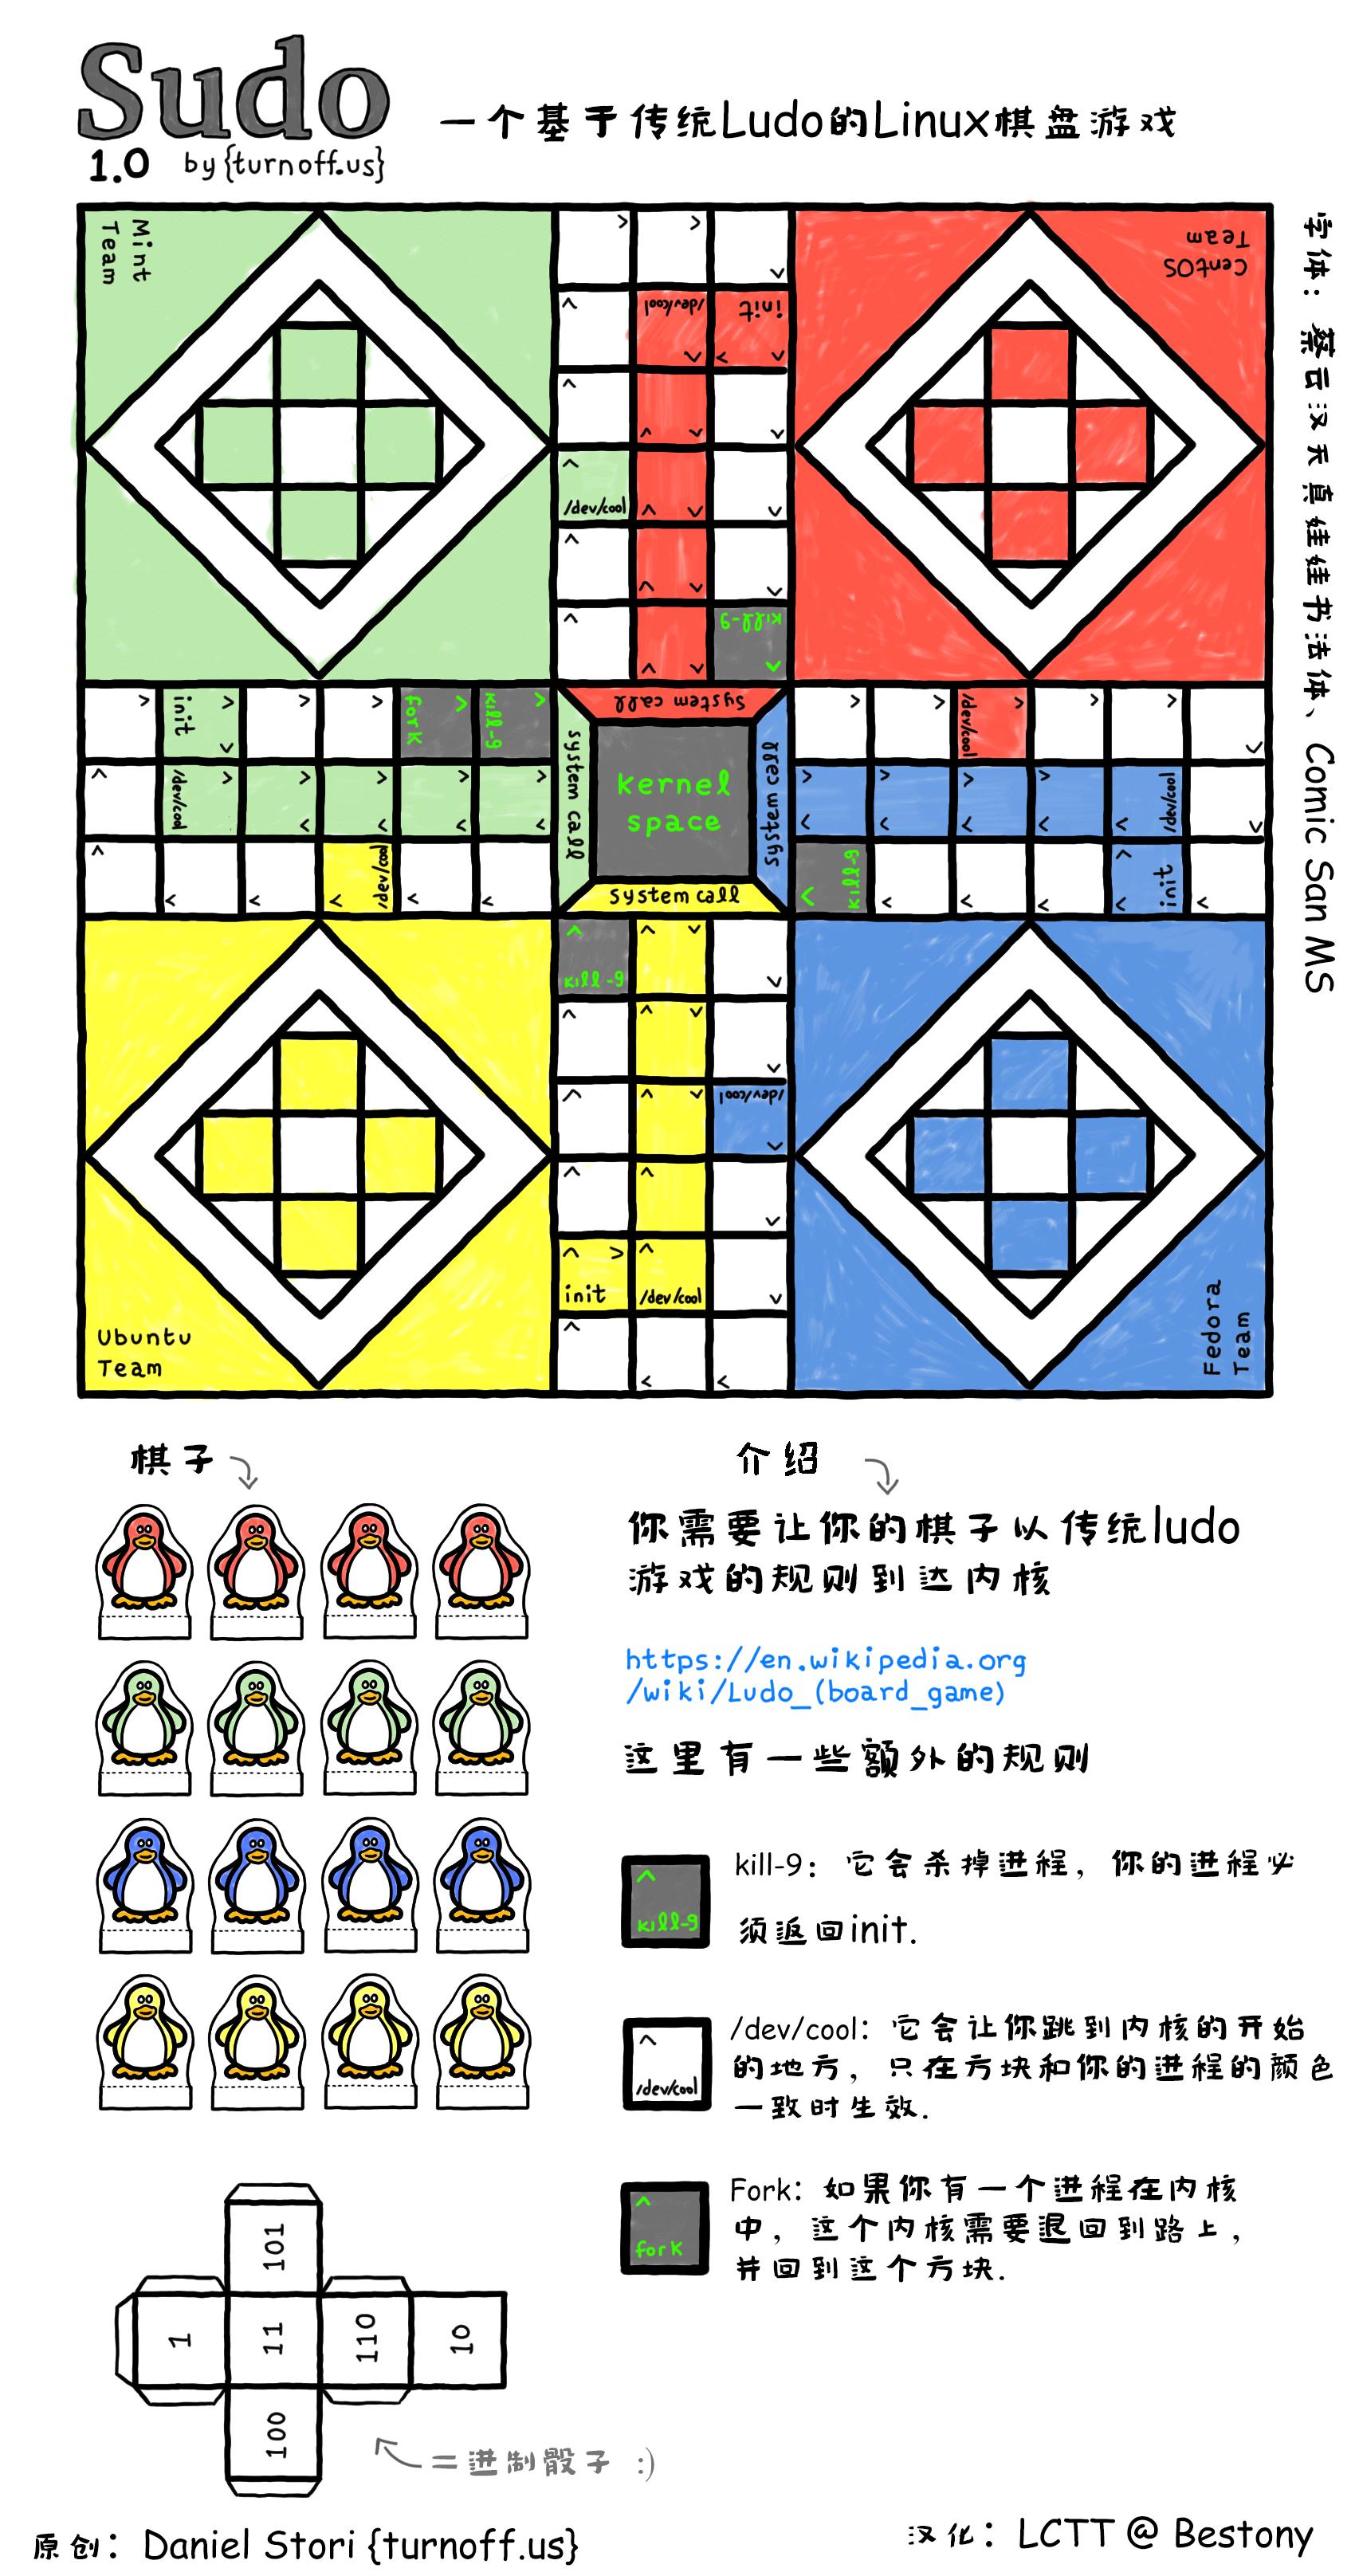 sudo board game